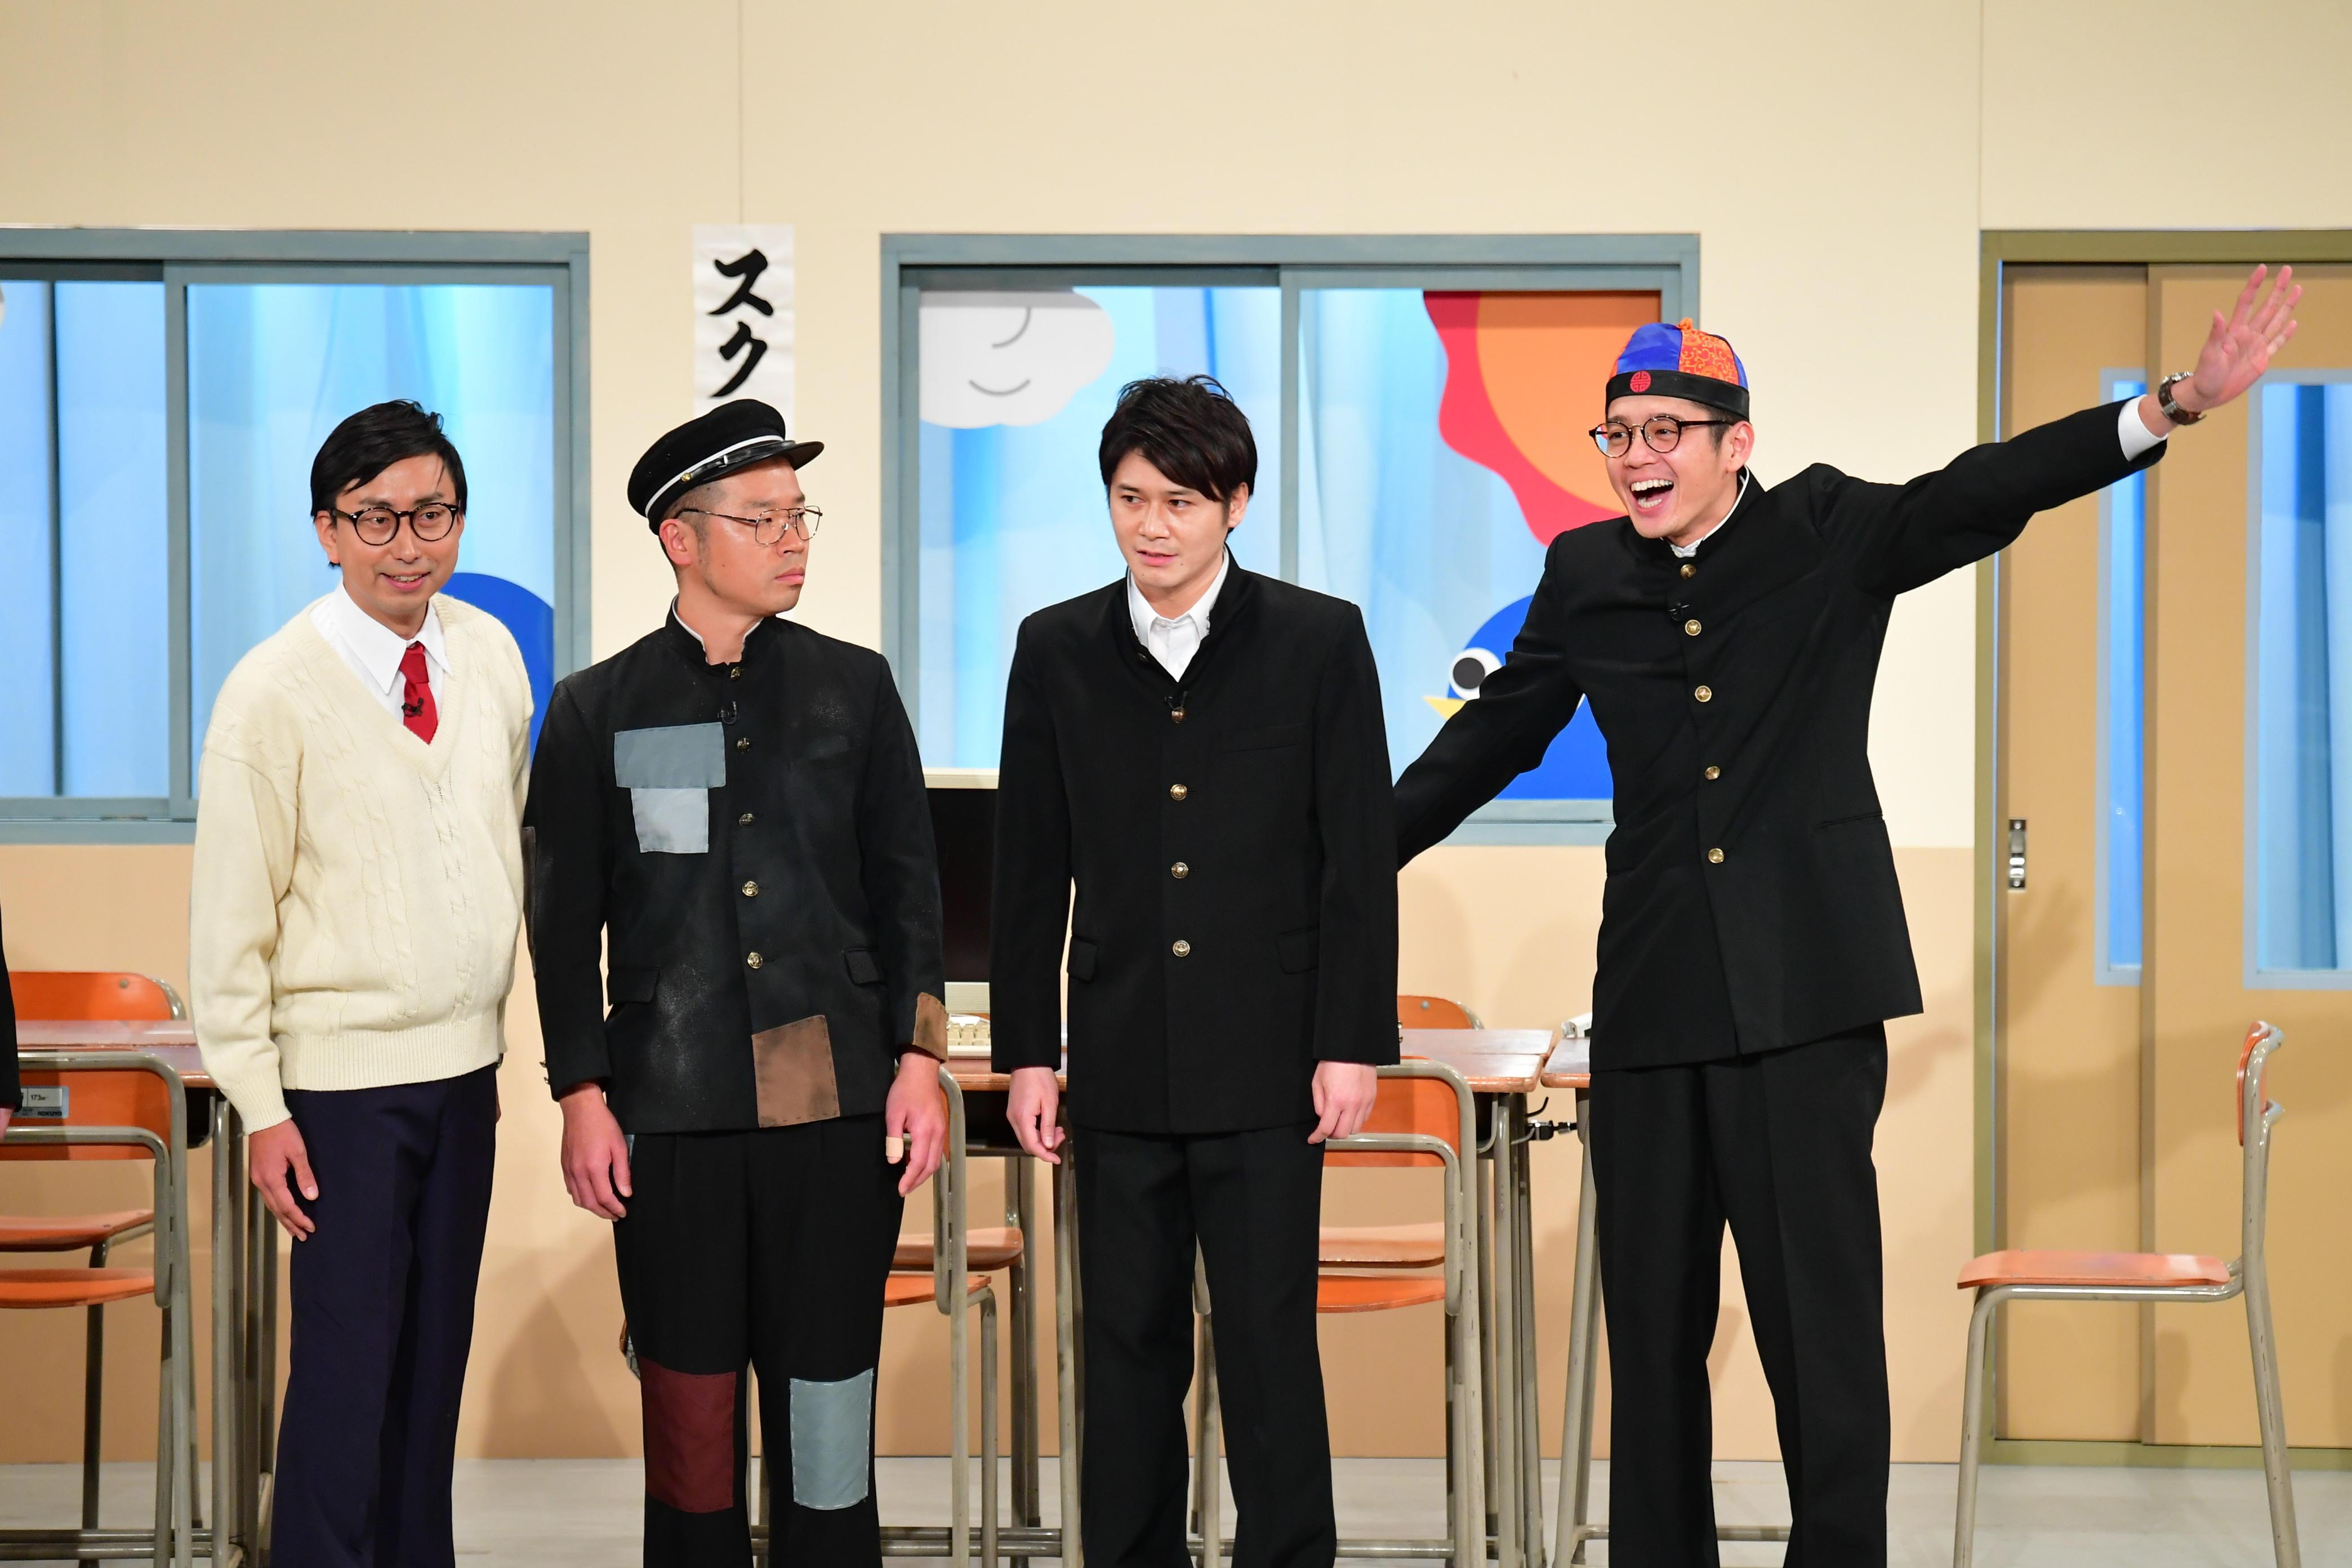 http://news.yoshimoto.co.jp/20181220090642-e9029d61caee733904f4b884ca954b6d018d578b.jpg